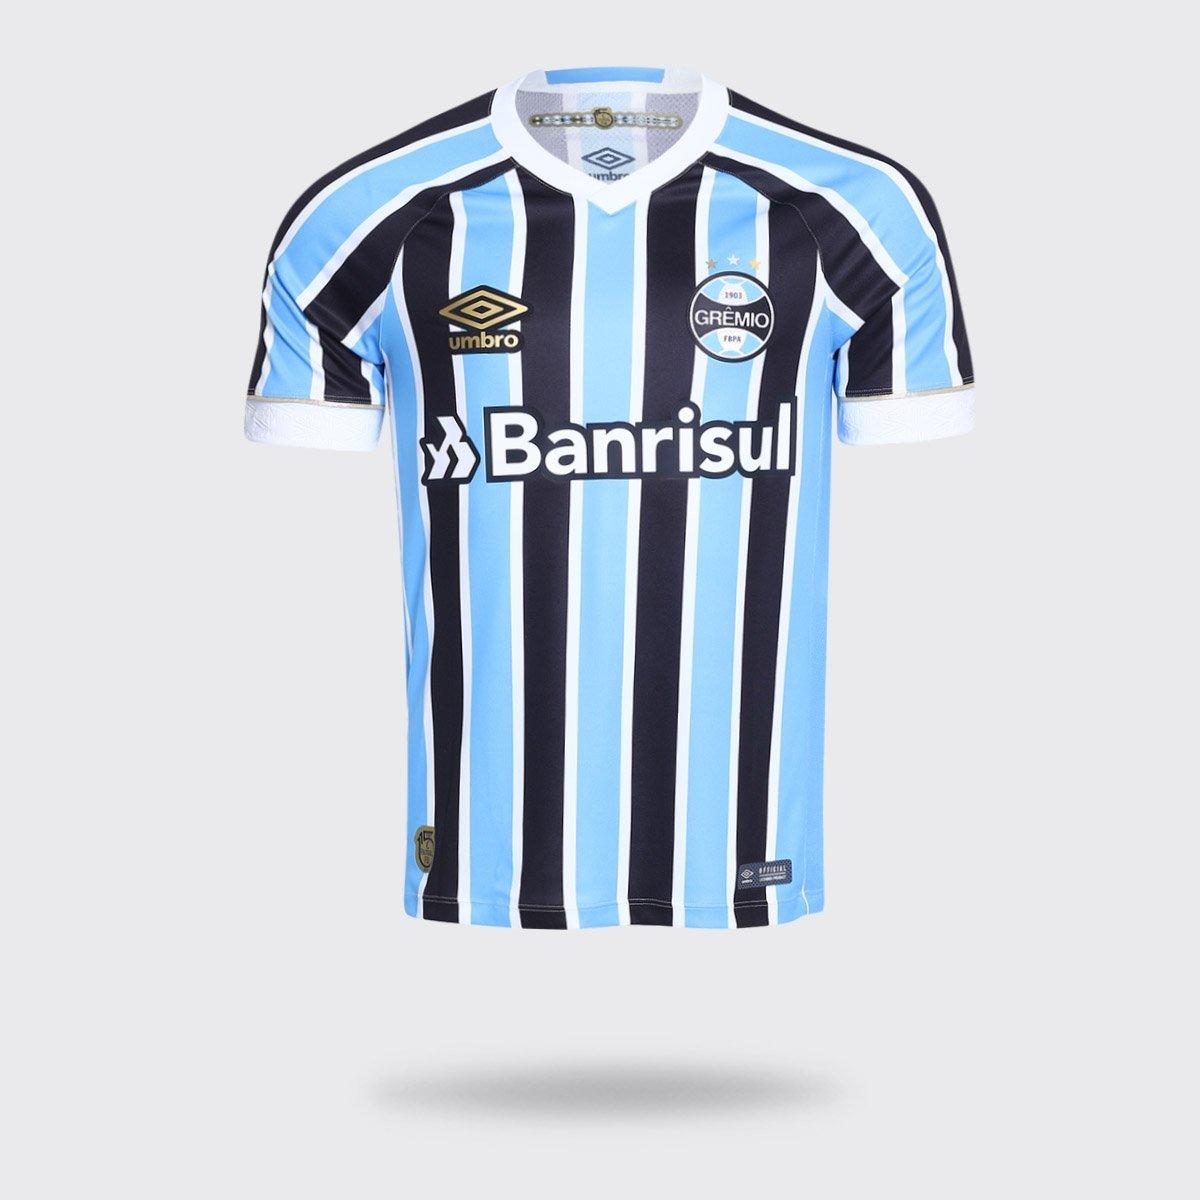 9e8d919ac3bda Camisa Umbro Grêmio I 2018 com Número Tricolor Torcedor Masculina - Compre  Agora